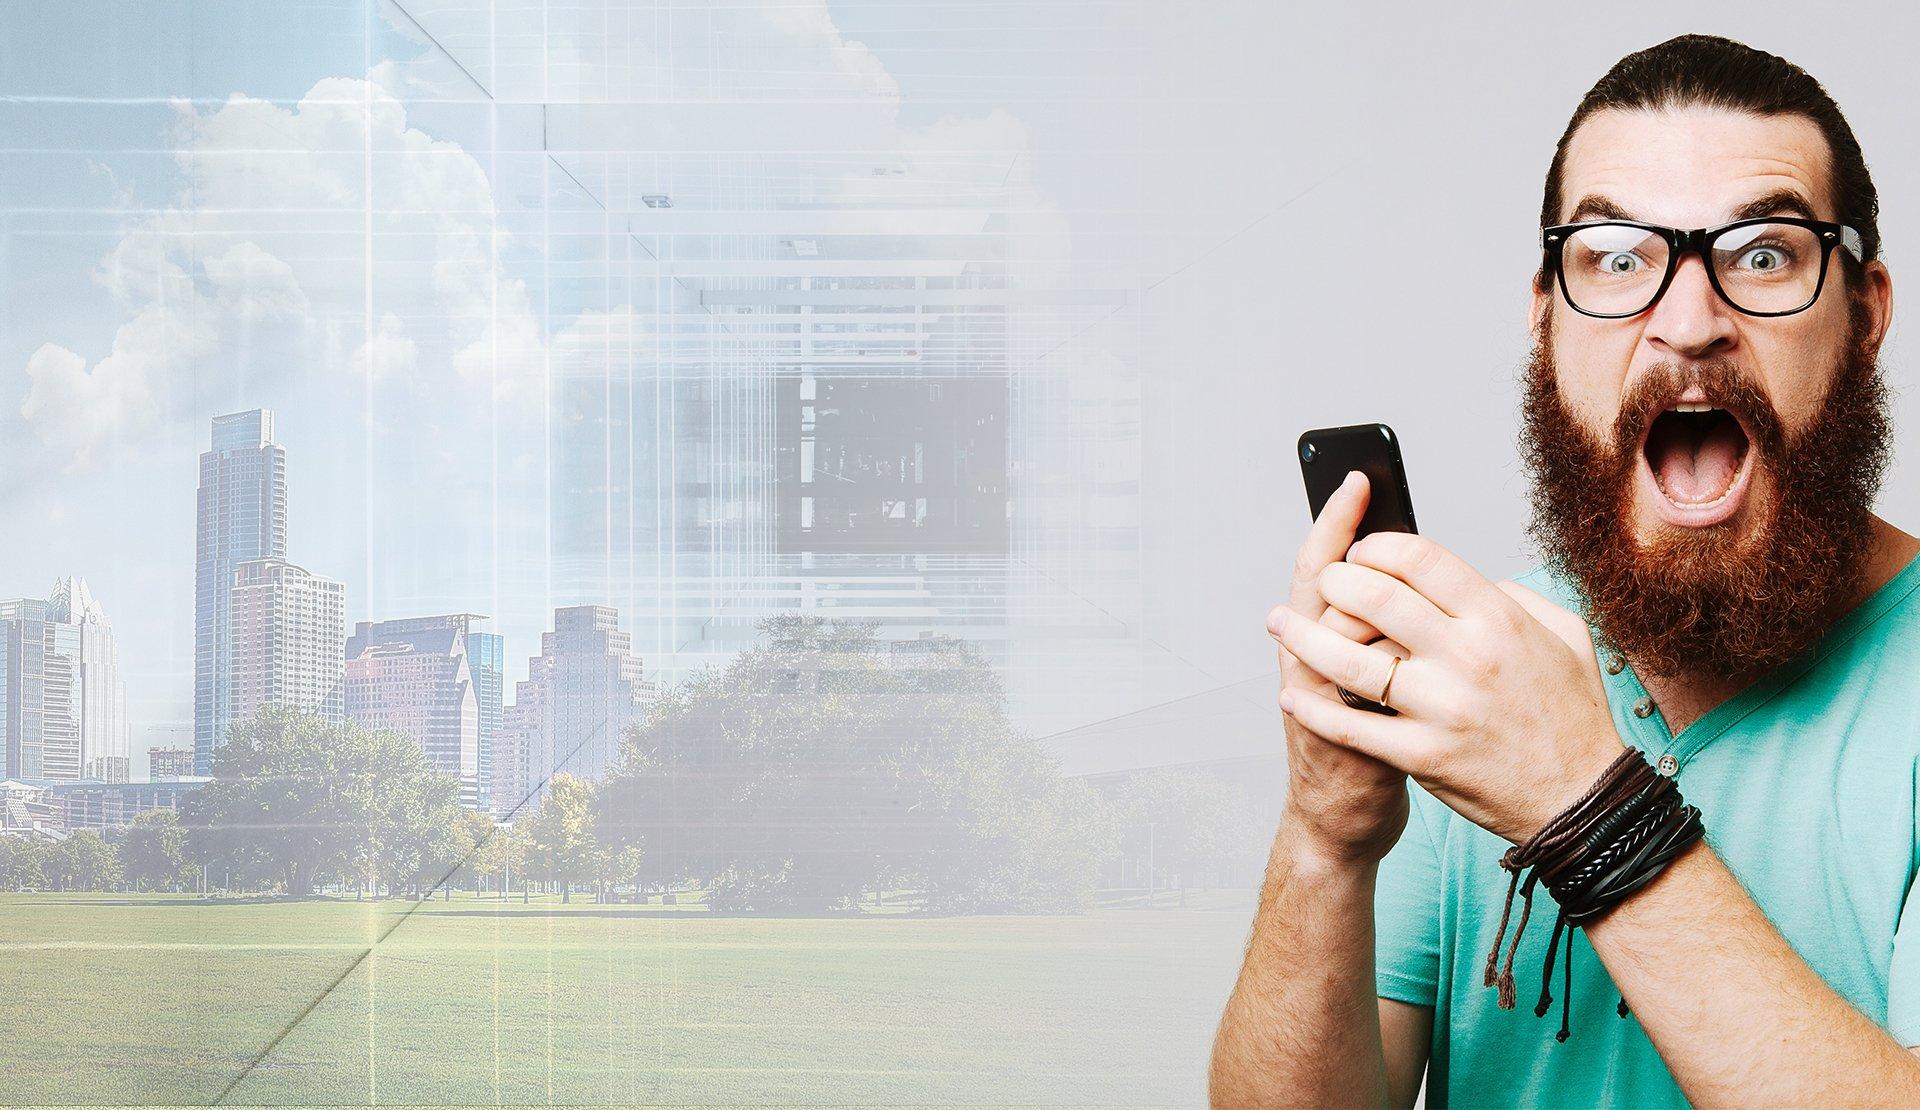 mobilcom-debitel Telekom Green Data XL mit 15 GB für 9,91€/Monat | Alternativ mit Samsung Galaxy Buds+ für 11,99€/Monat + 29€ Zzlg.